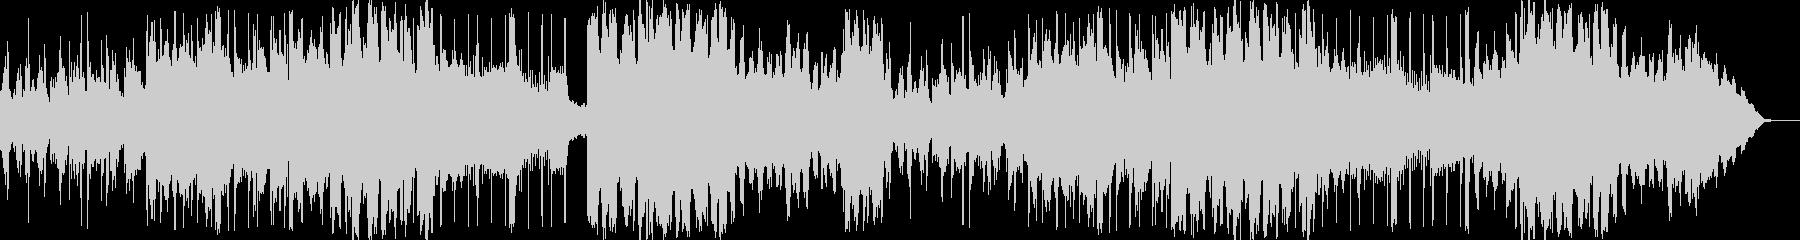 リラックスできるシンセサイザーのBGMの未再生の波形